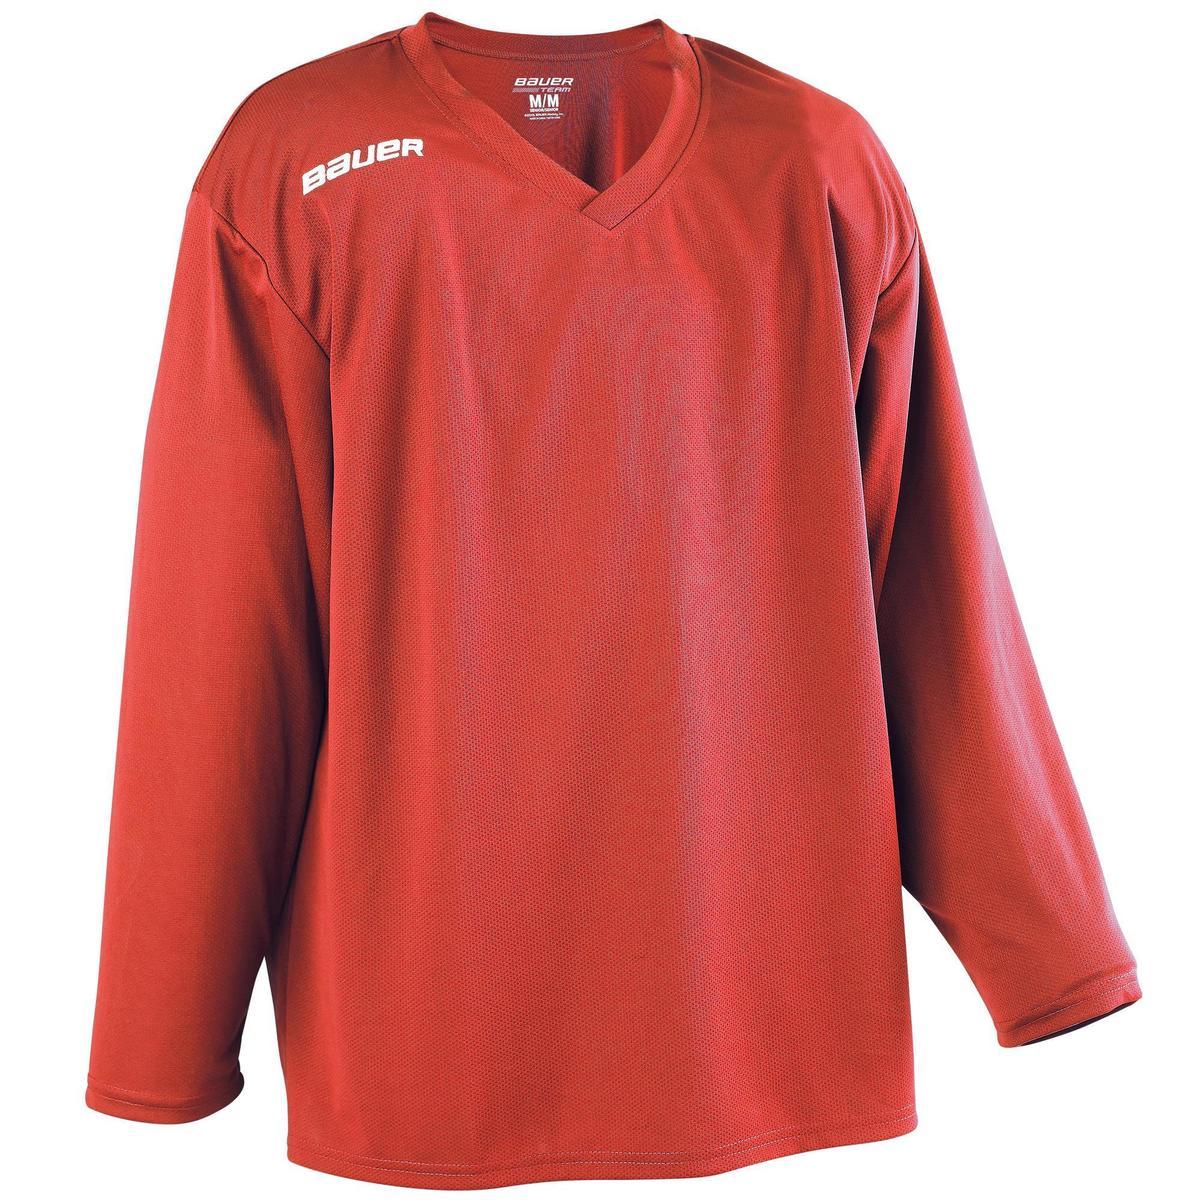 Bild 1 von Eishockey-Trikot B 200 Kinder rot